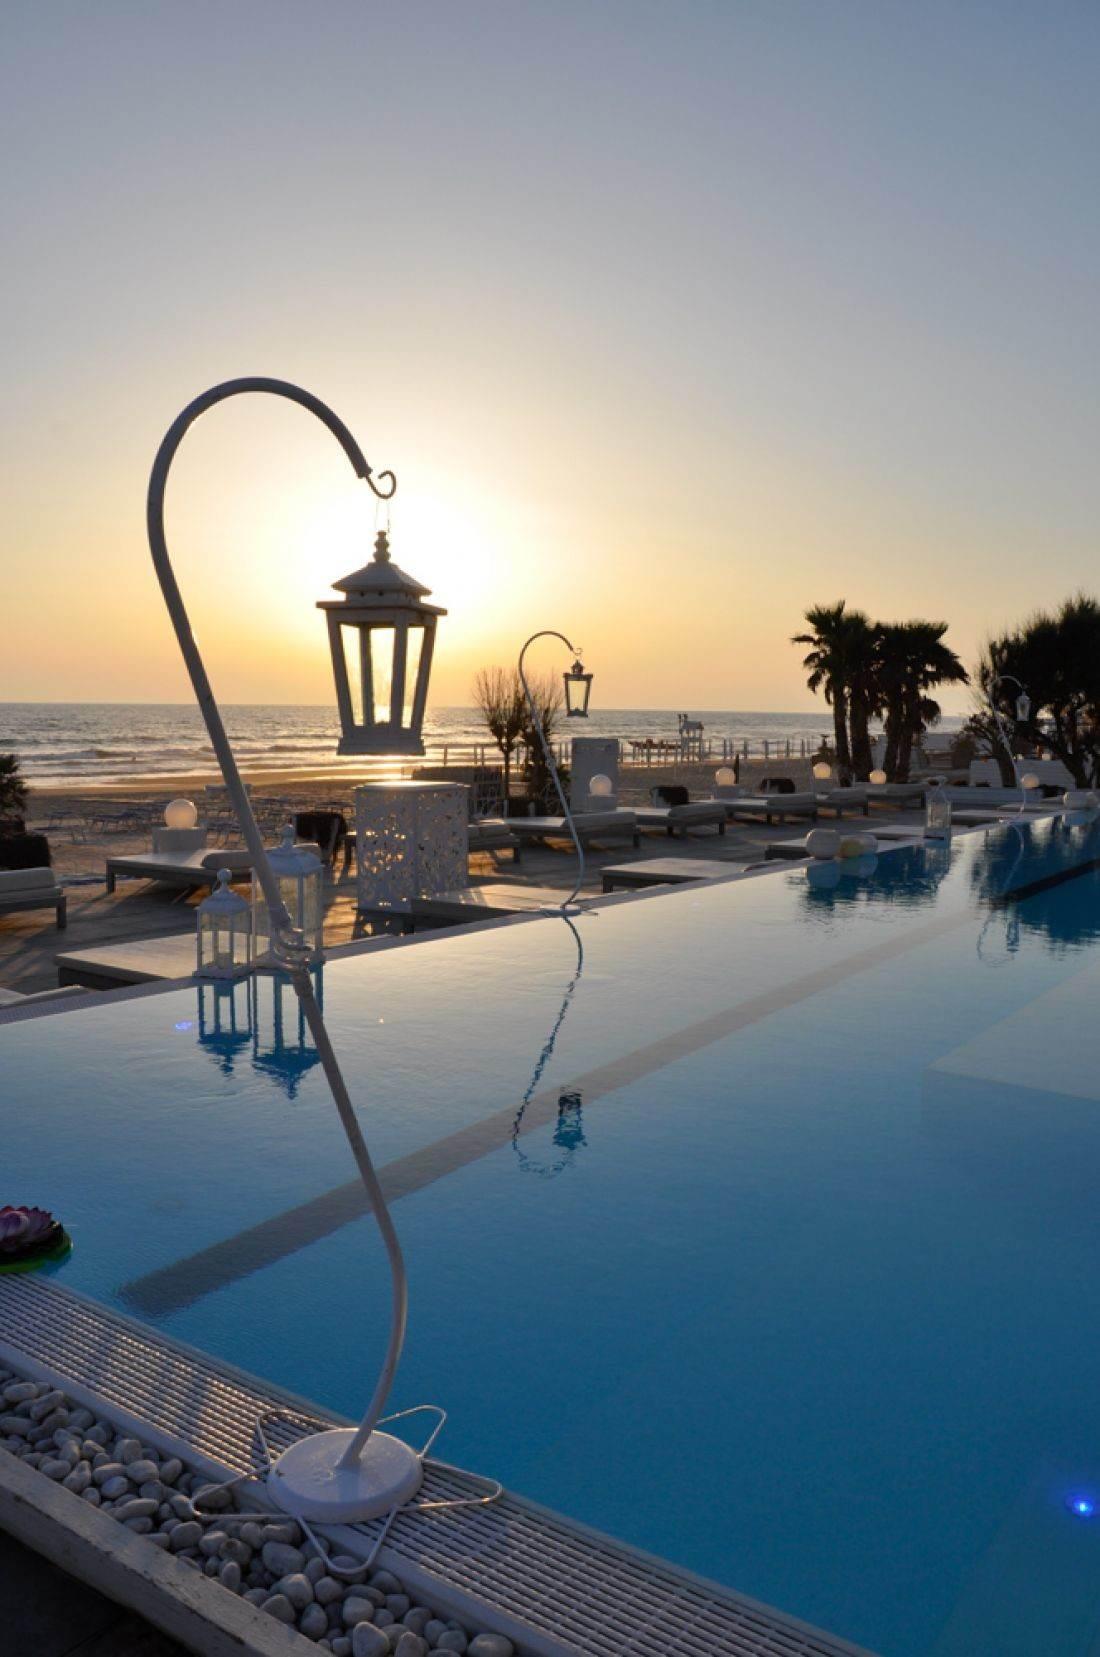 Matrimonio In Spiaggia Napoli : Matrimonio in spiaggia a napoli